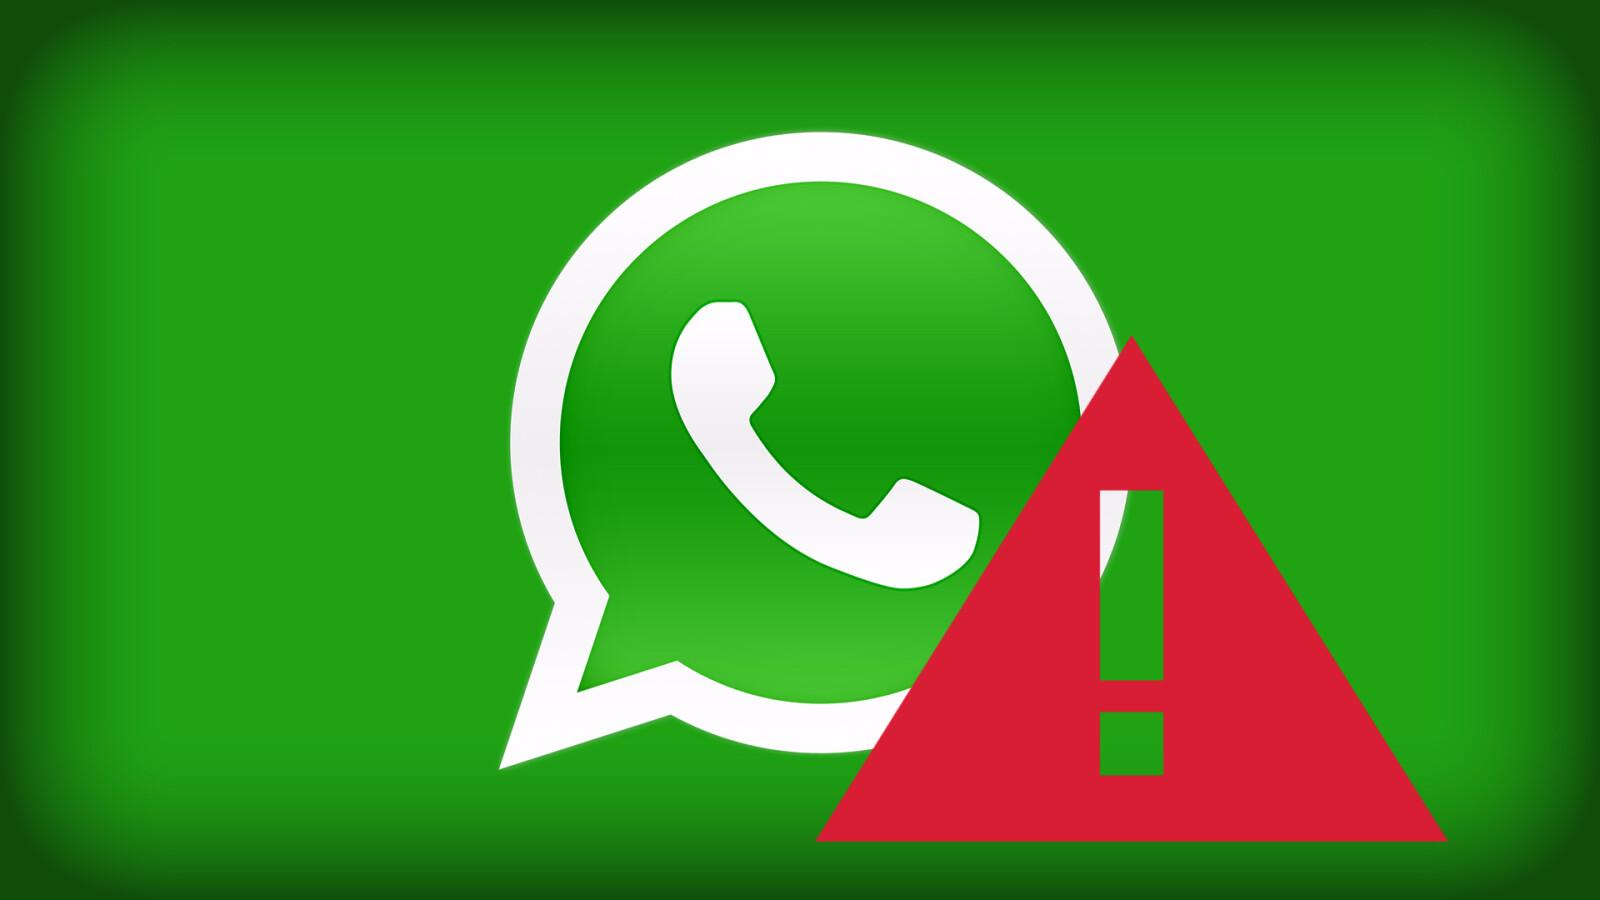 whatsapp sprachnachricht anhören